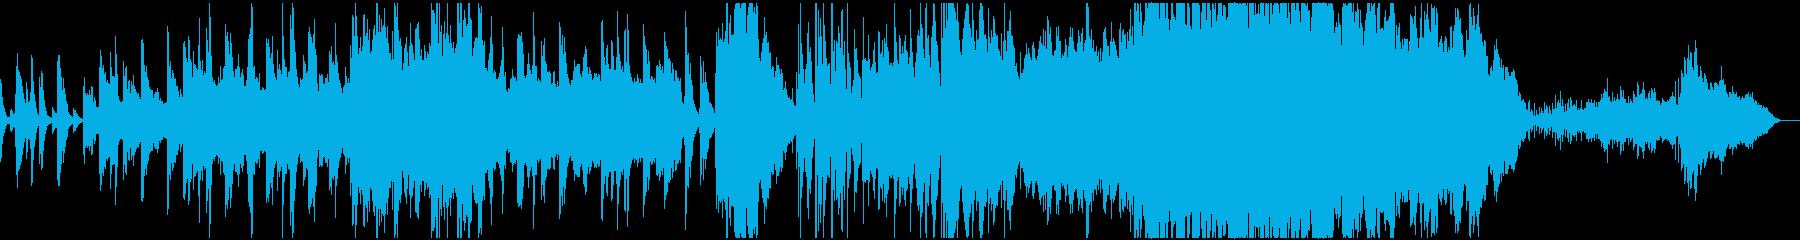 穏やかな映像向きのピアノとストリングスの再生済みの波形